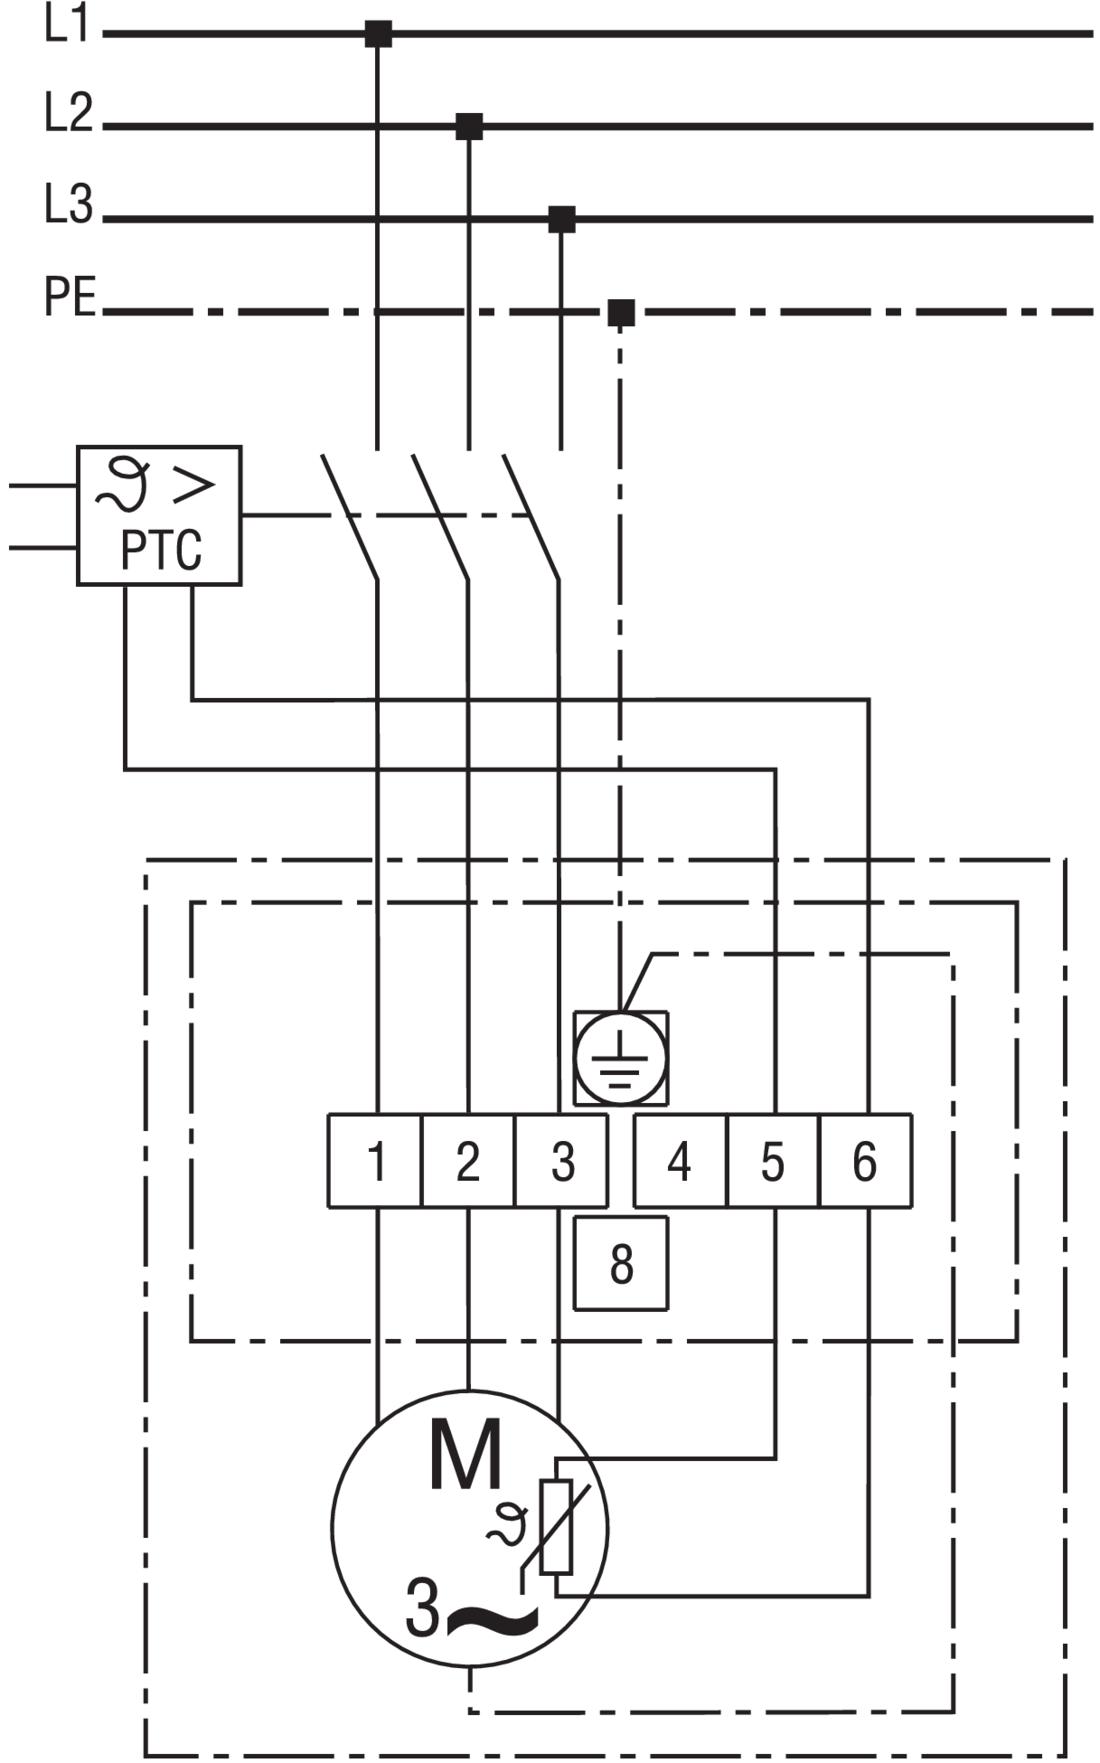 Dzs 25 2 B Ex E Maico Ptc Wiring Diagram Downloads